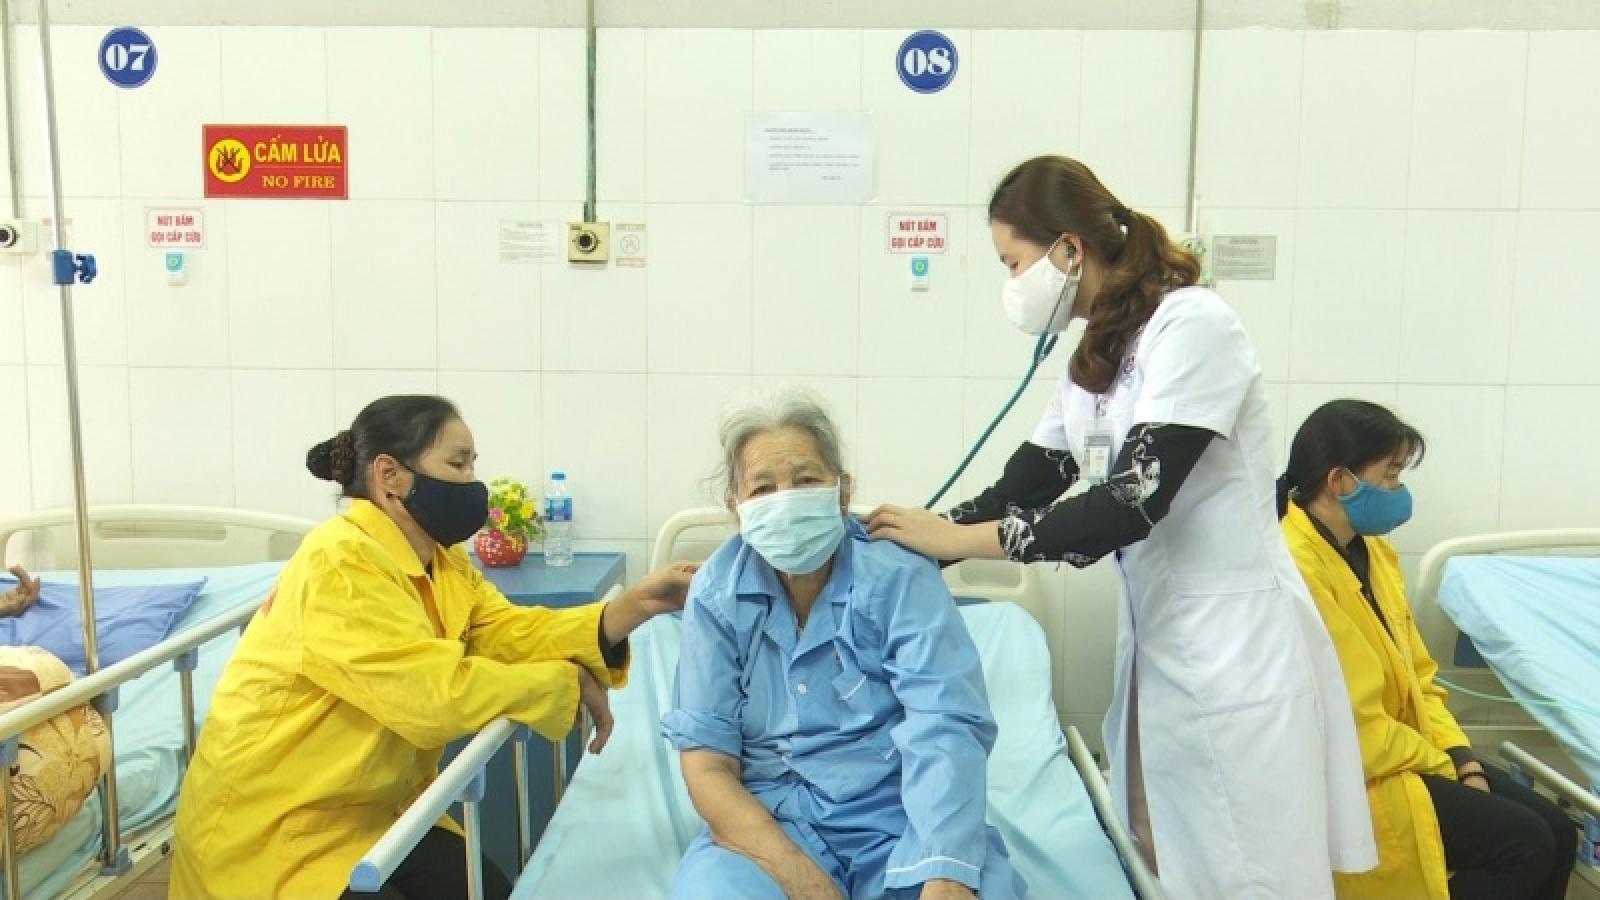 Thái Nguyên chăm sóc, bảo vệ người cao tuổi trong mùa Covid-19